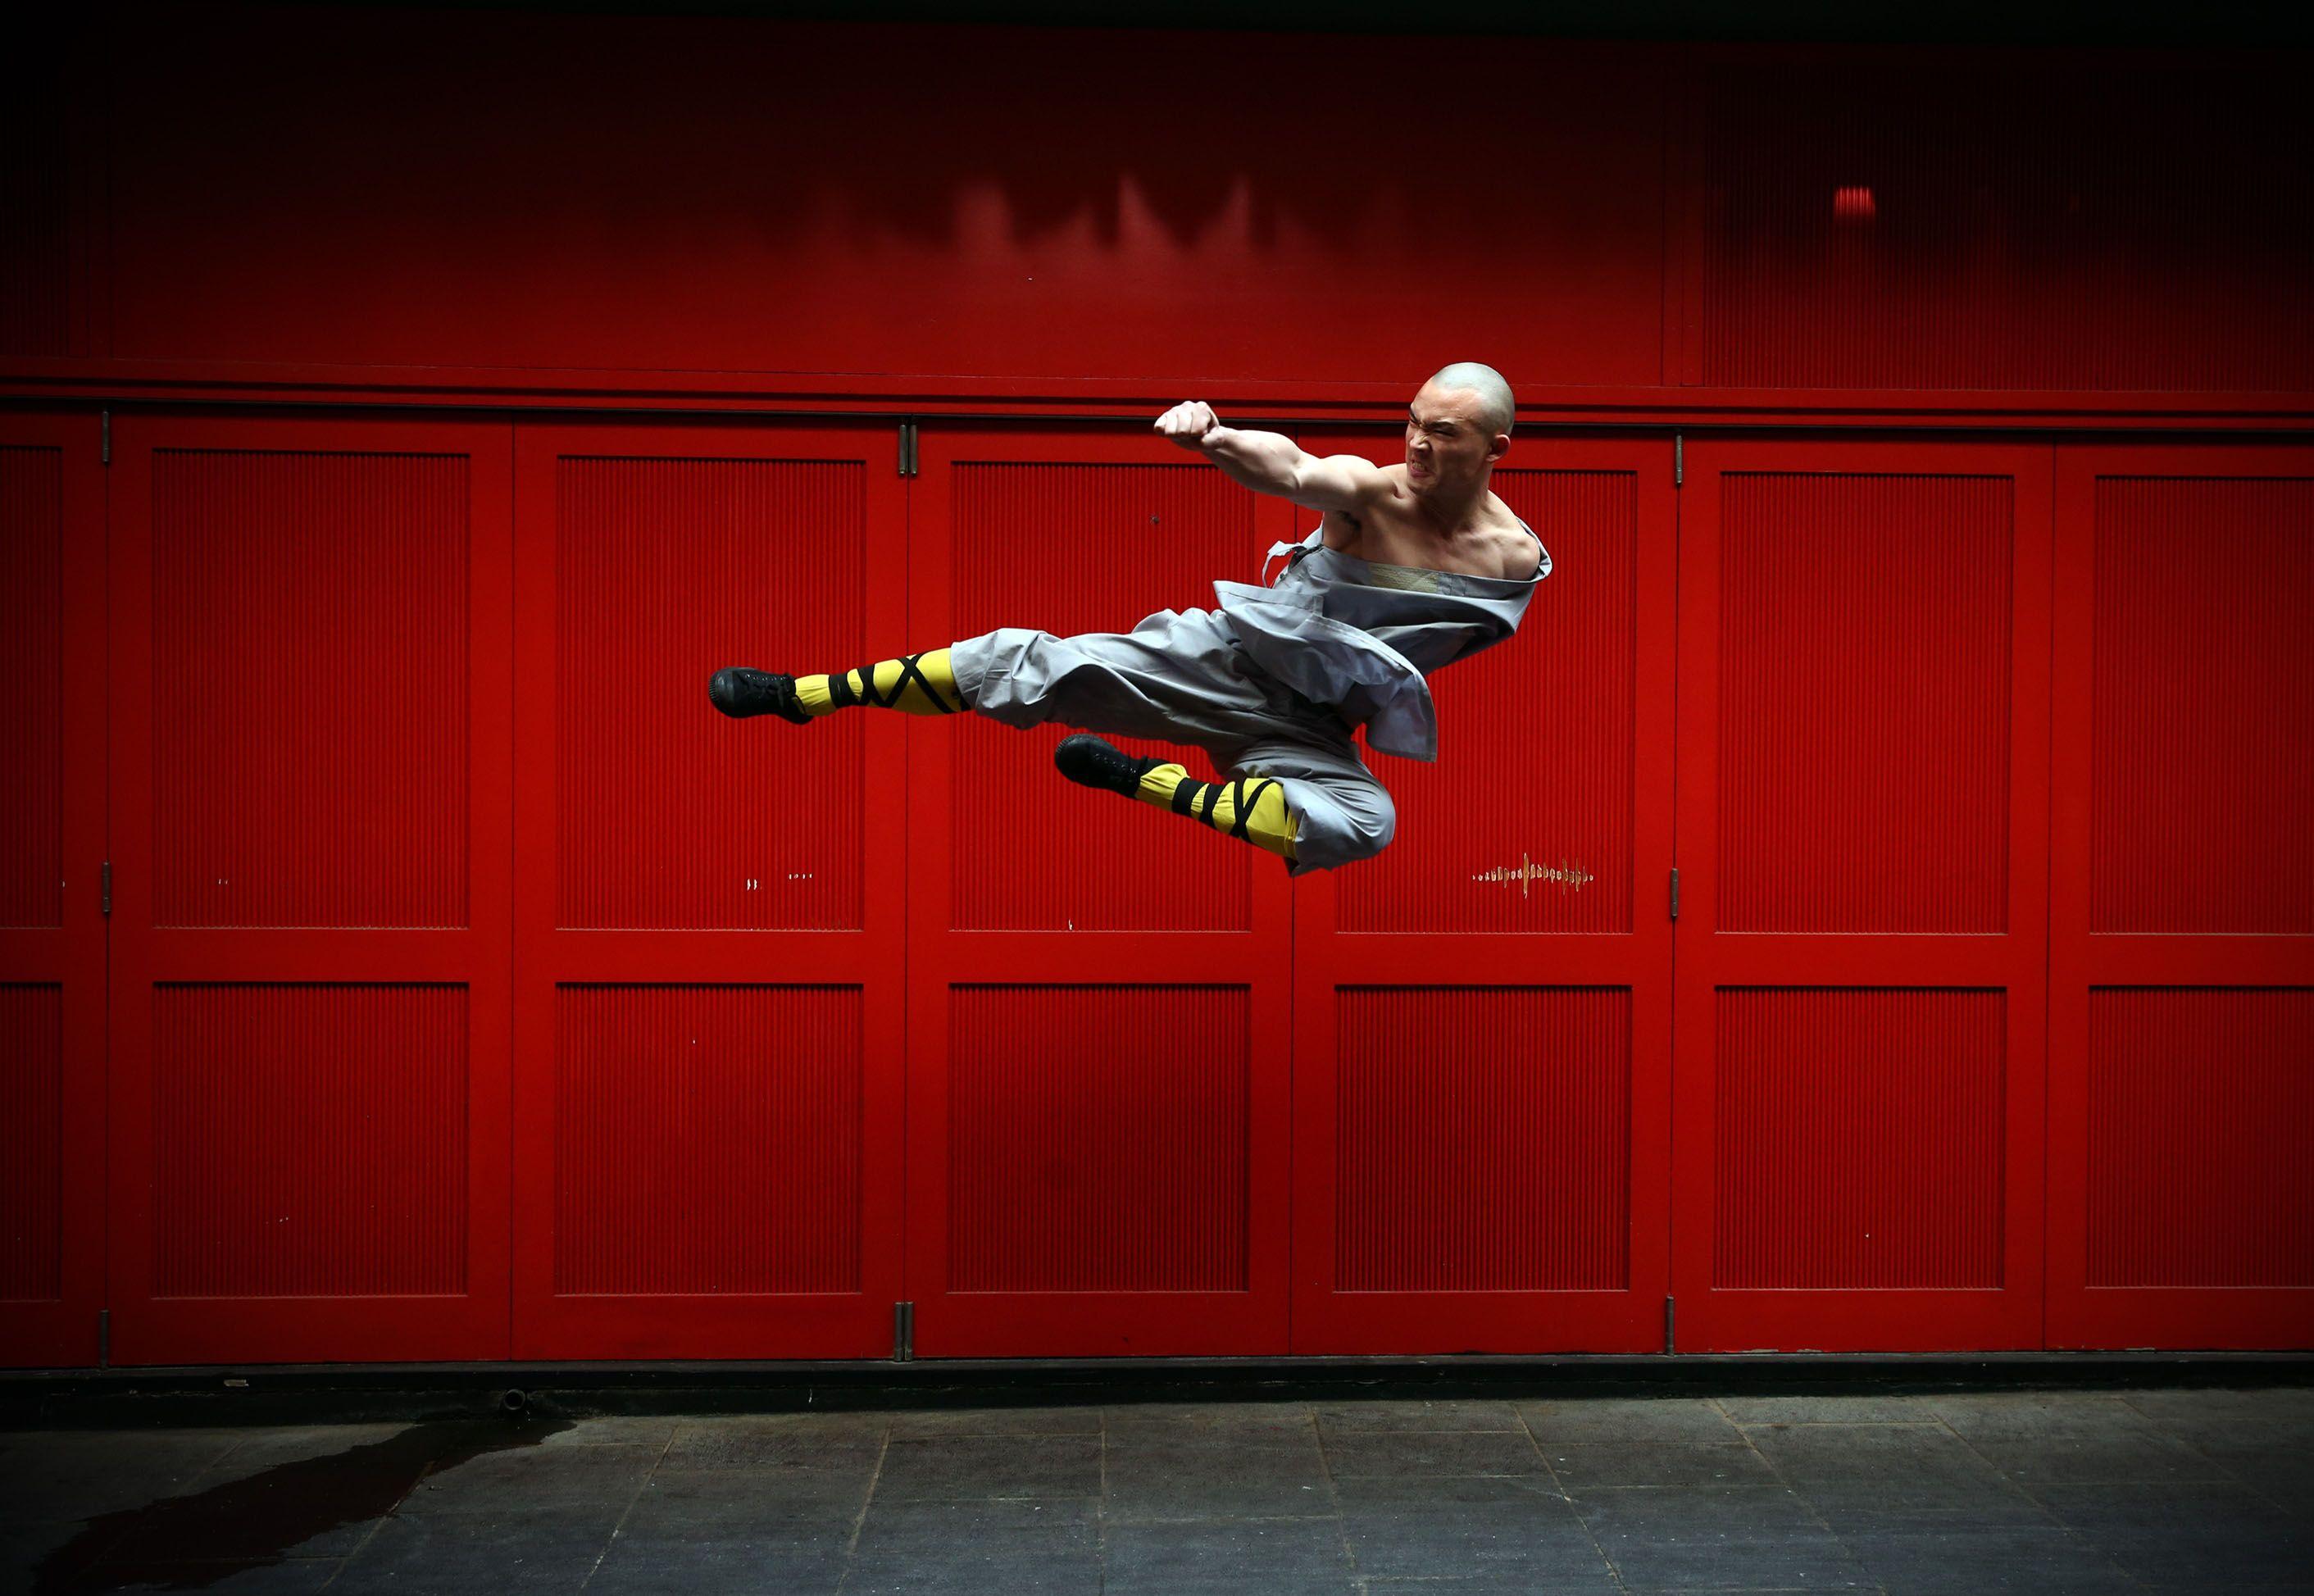 Với Kung Fu, đó là một hành trình dài đưa bạn đến với những đam mê và nhiệt huyết